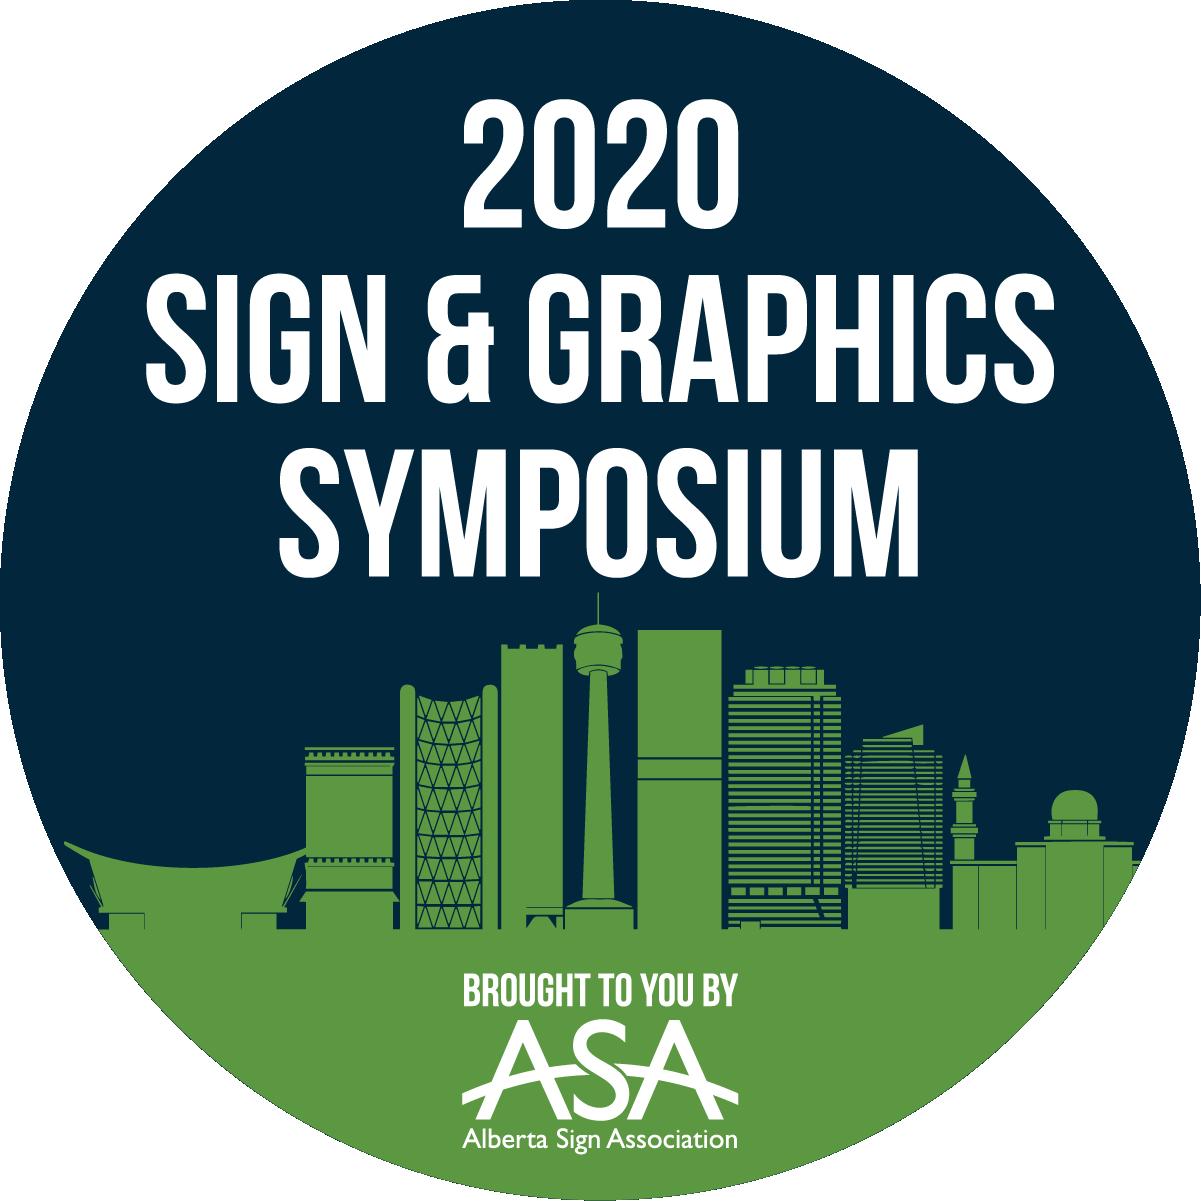 Sign & Graphics Symposium